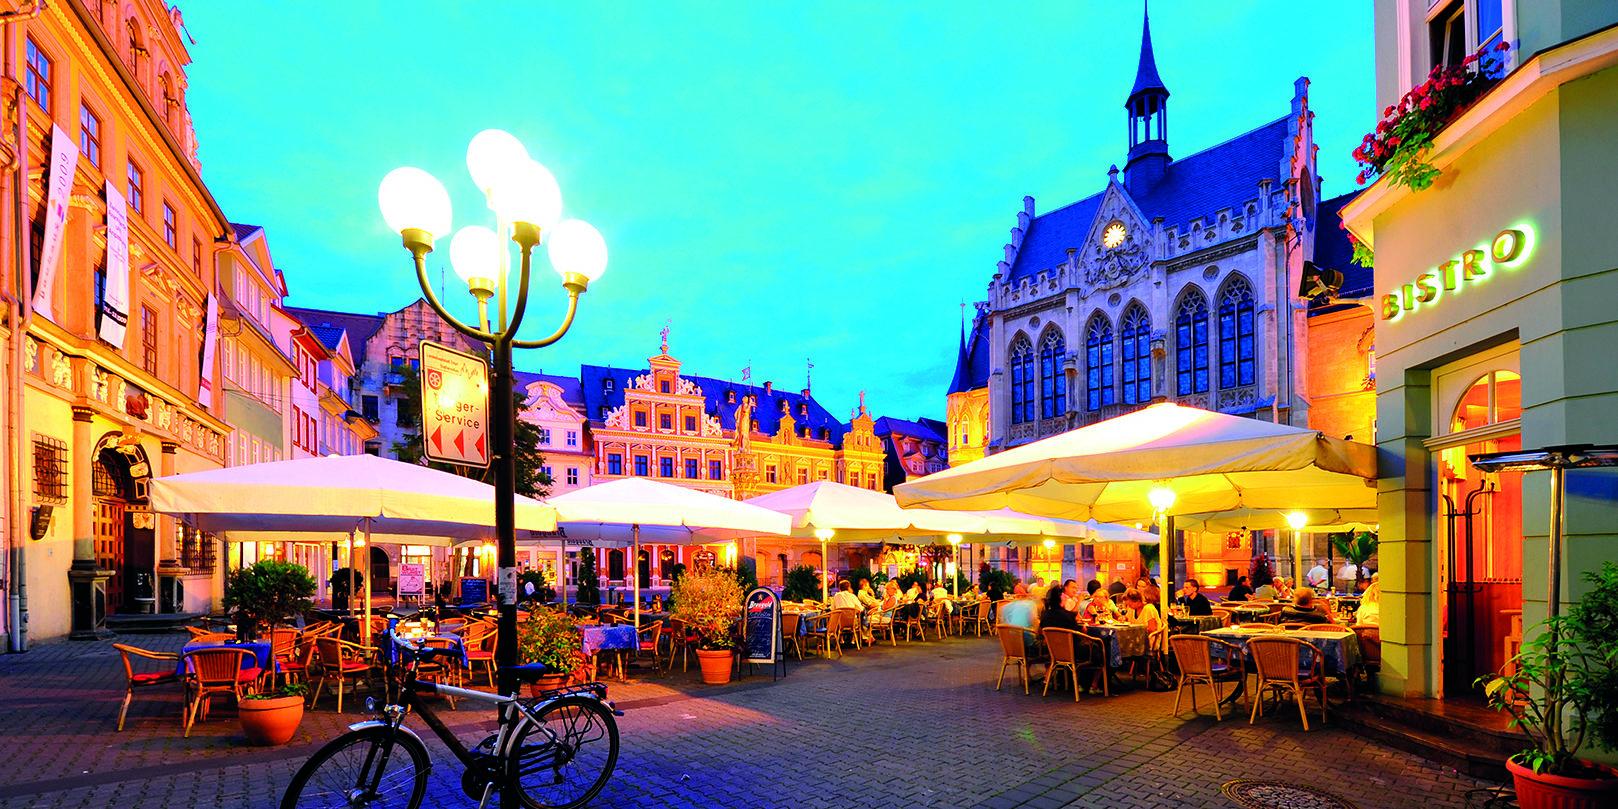 Erfurter Fischmarkt nach Sonnenuntergang